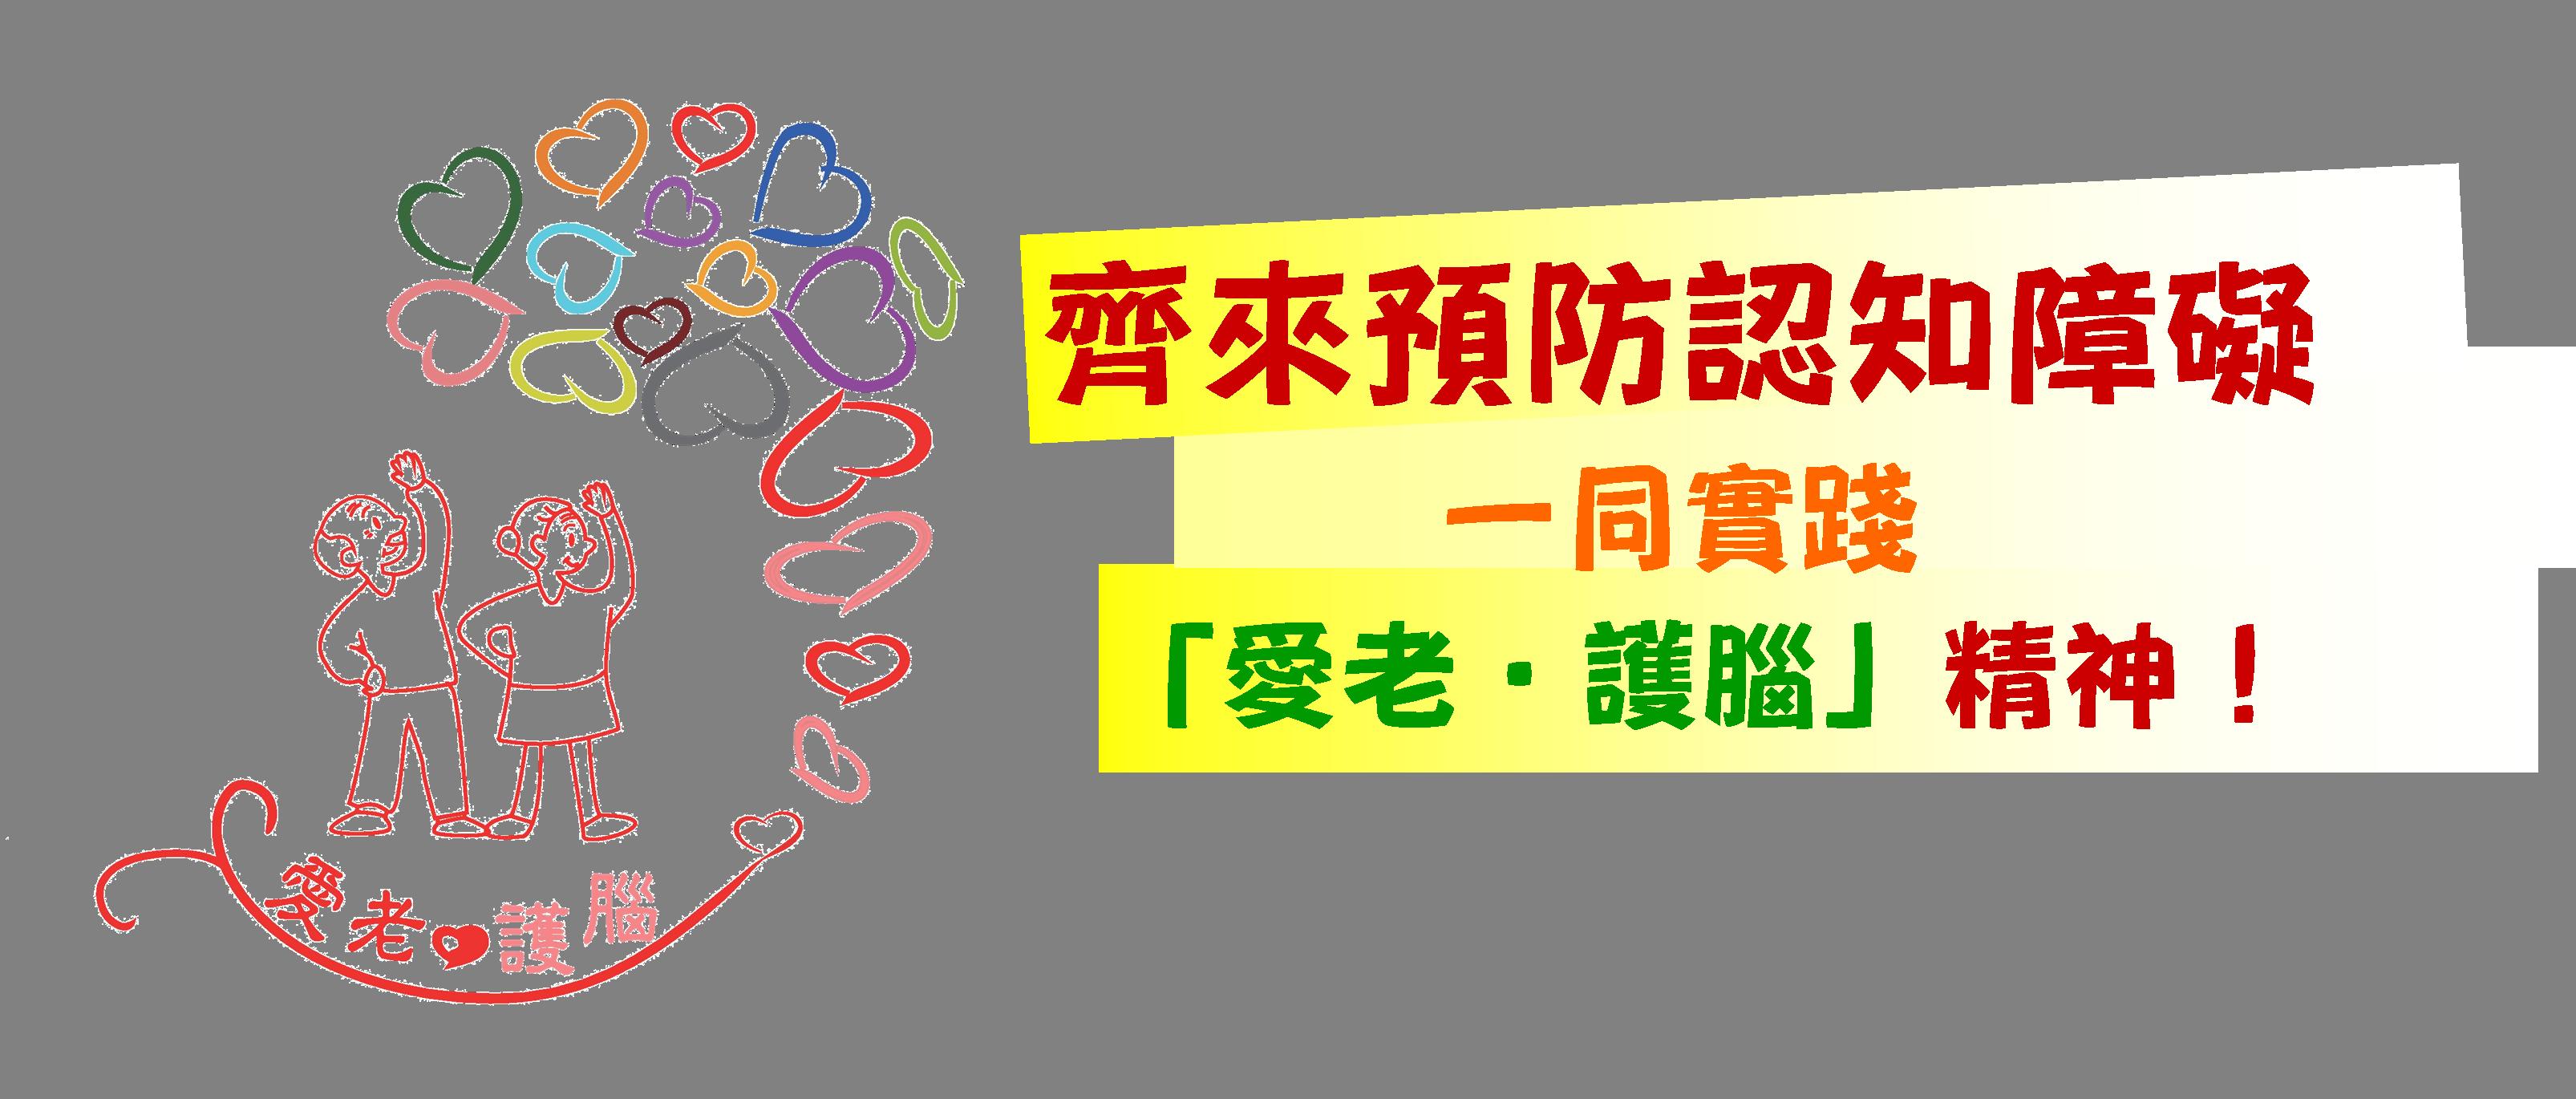 logo_description03